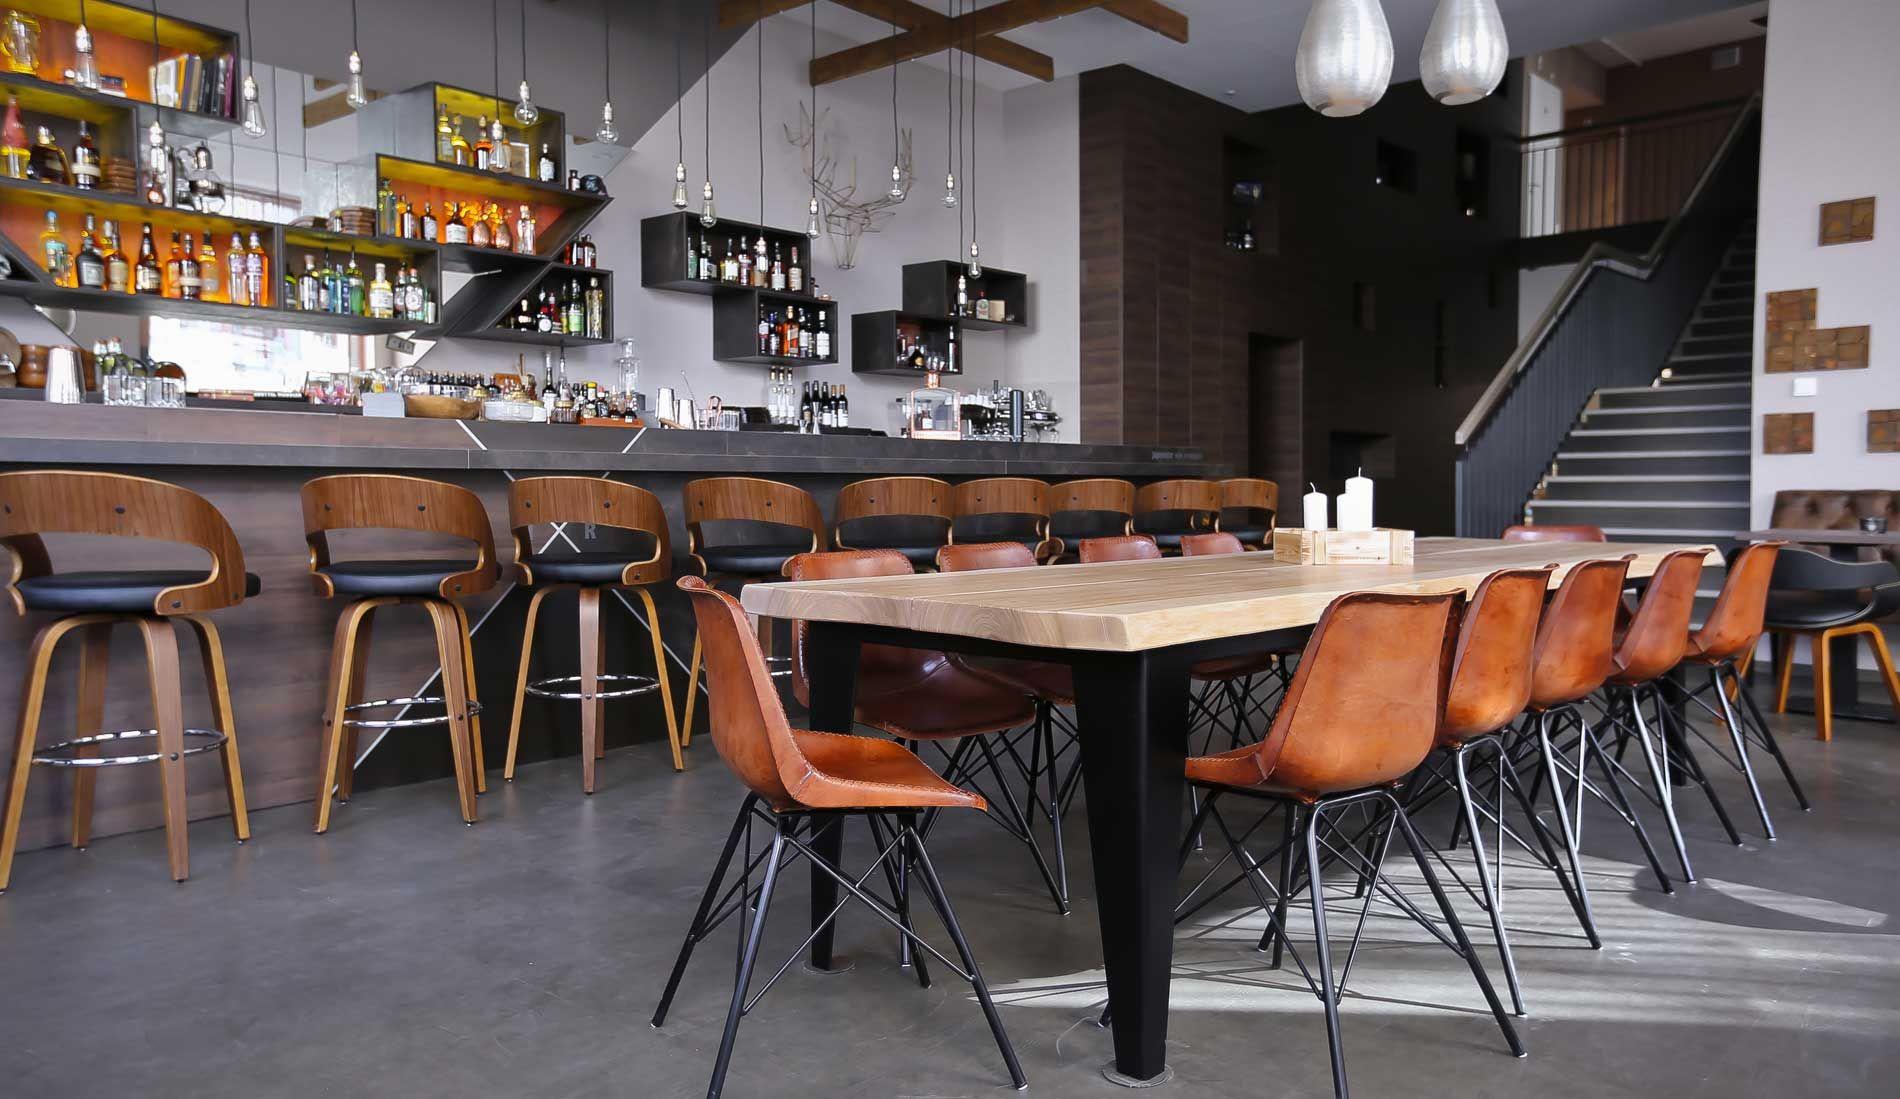 bar & restaurant | imperii | moderne küche, deutsche küche